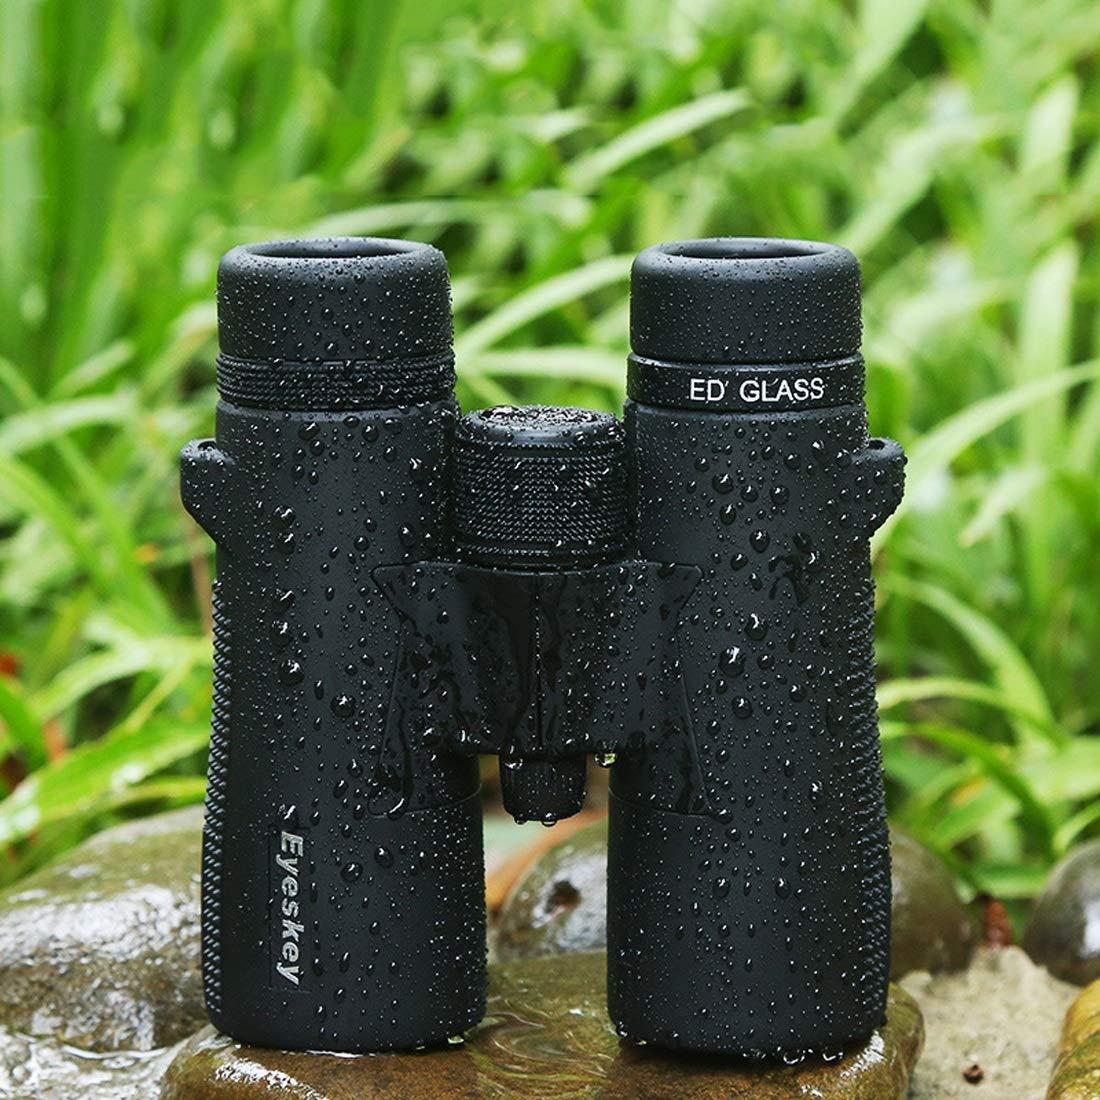 JESSIEKERVIN YY3 YY3 YY3 Ferngläser für Erwachsene mit handselektierten Prismen und HD-Glas, klarer und scharf für Jagd, Wandern, Wildbeobachtung oder Sportspiele (Farbe : Grün10X42) 9adf14